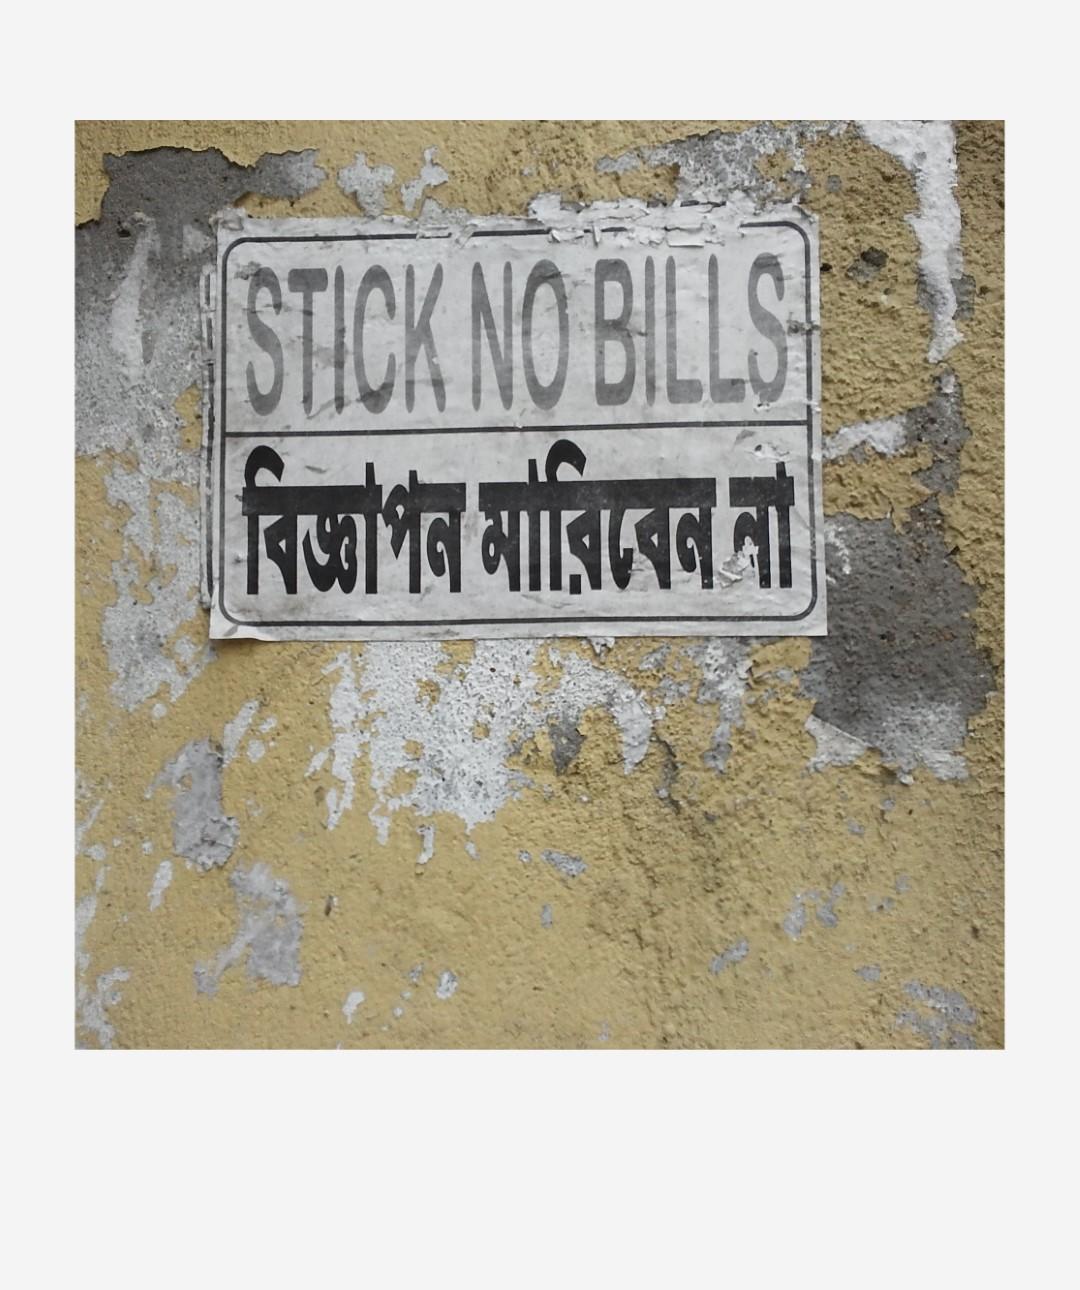 Projekt »stick no bill[s]«